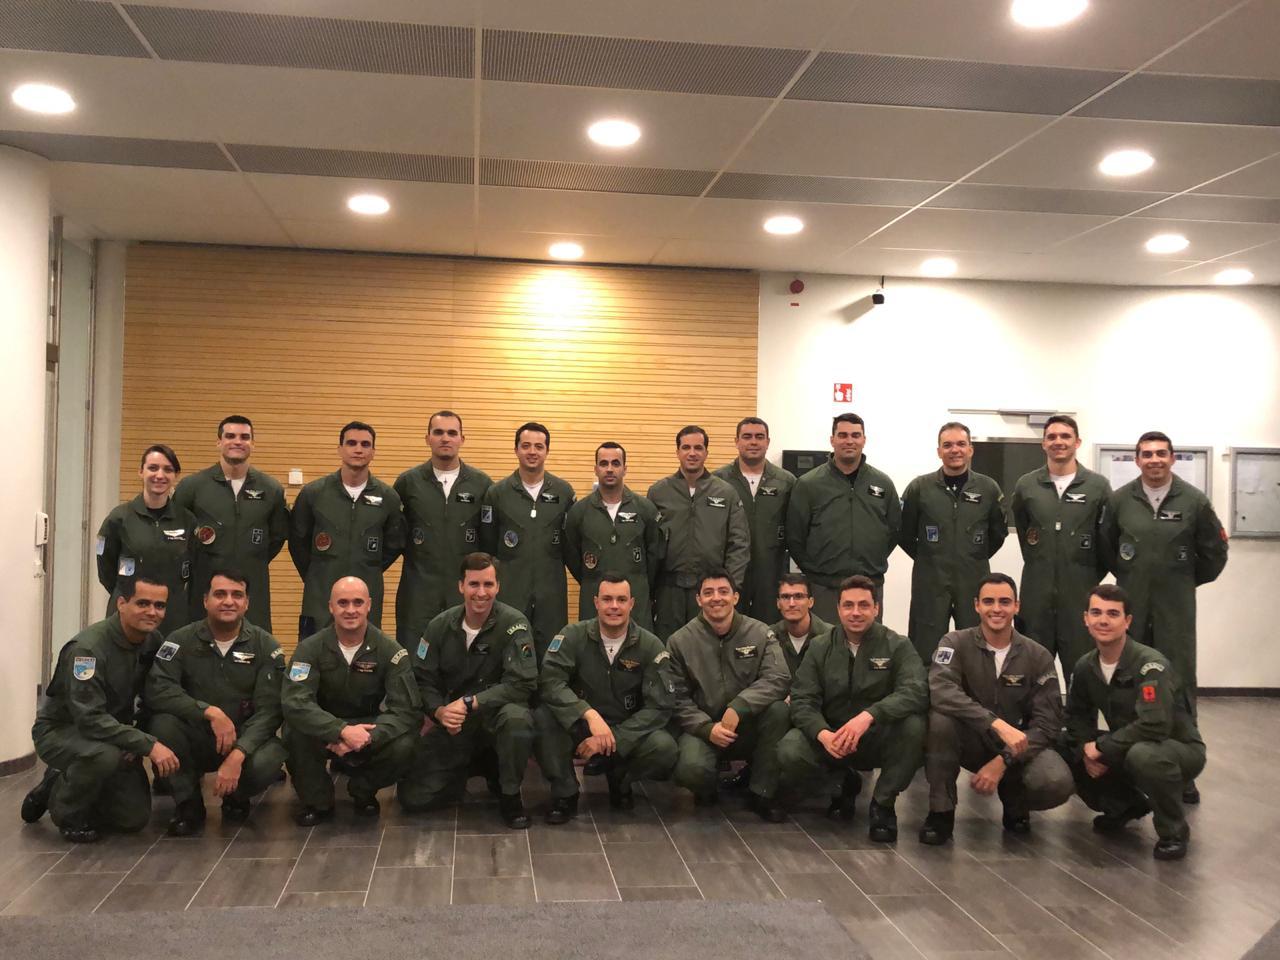 Reunião, exercício, intercâmbio e treinamentos na Hungria, Suécia e Tailândia capacitam militares da Força Aérea para implantação e operação do Gripen NG